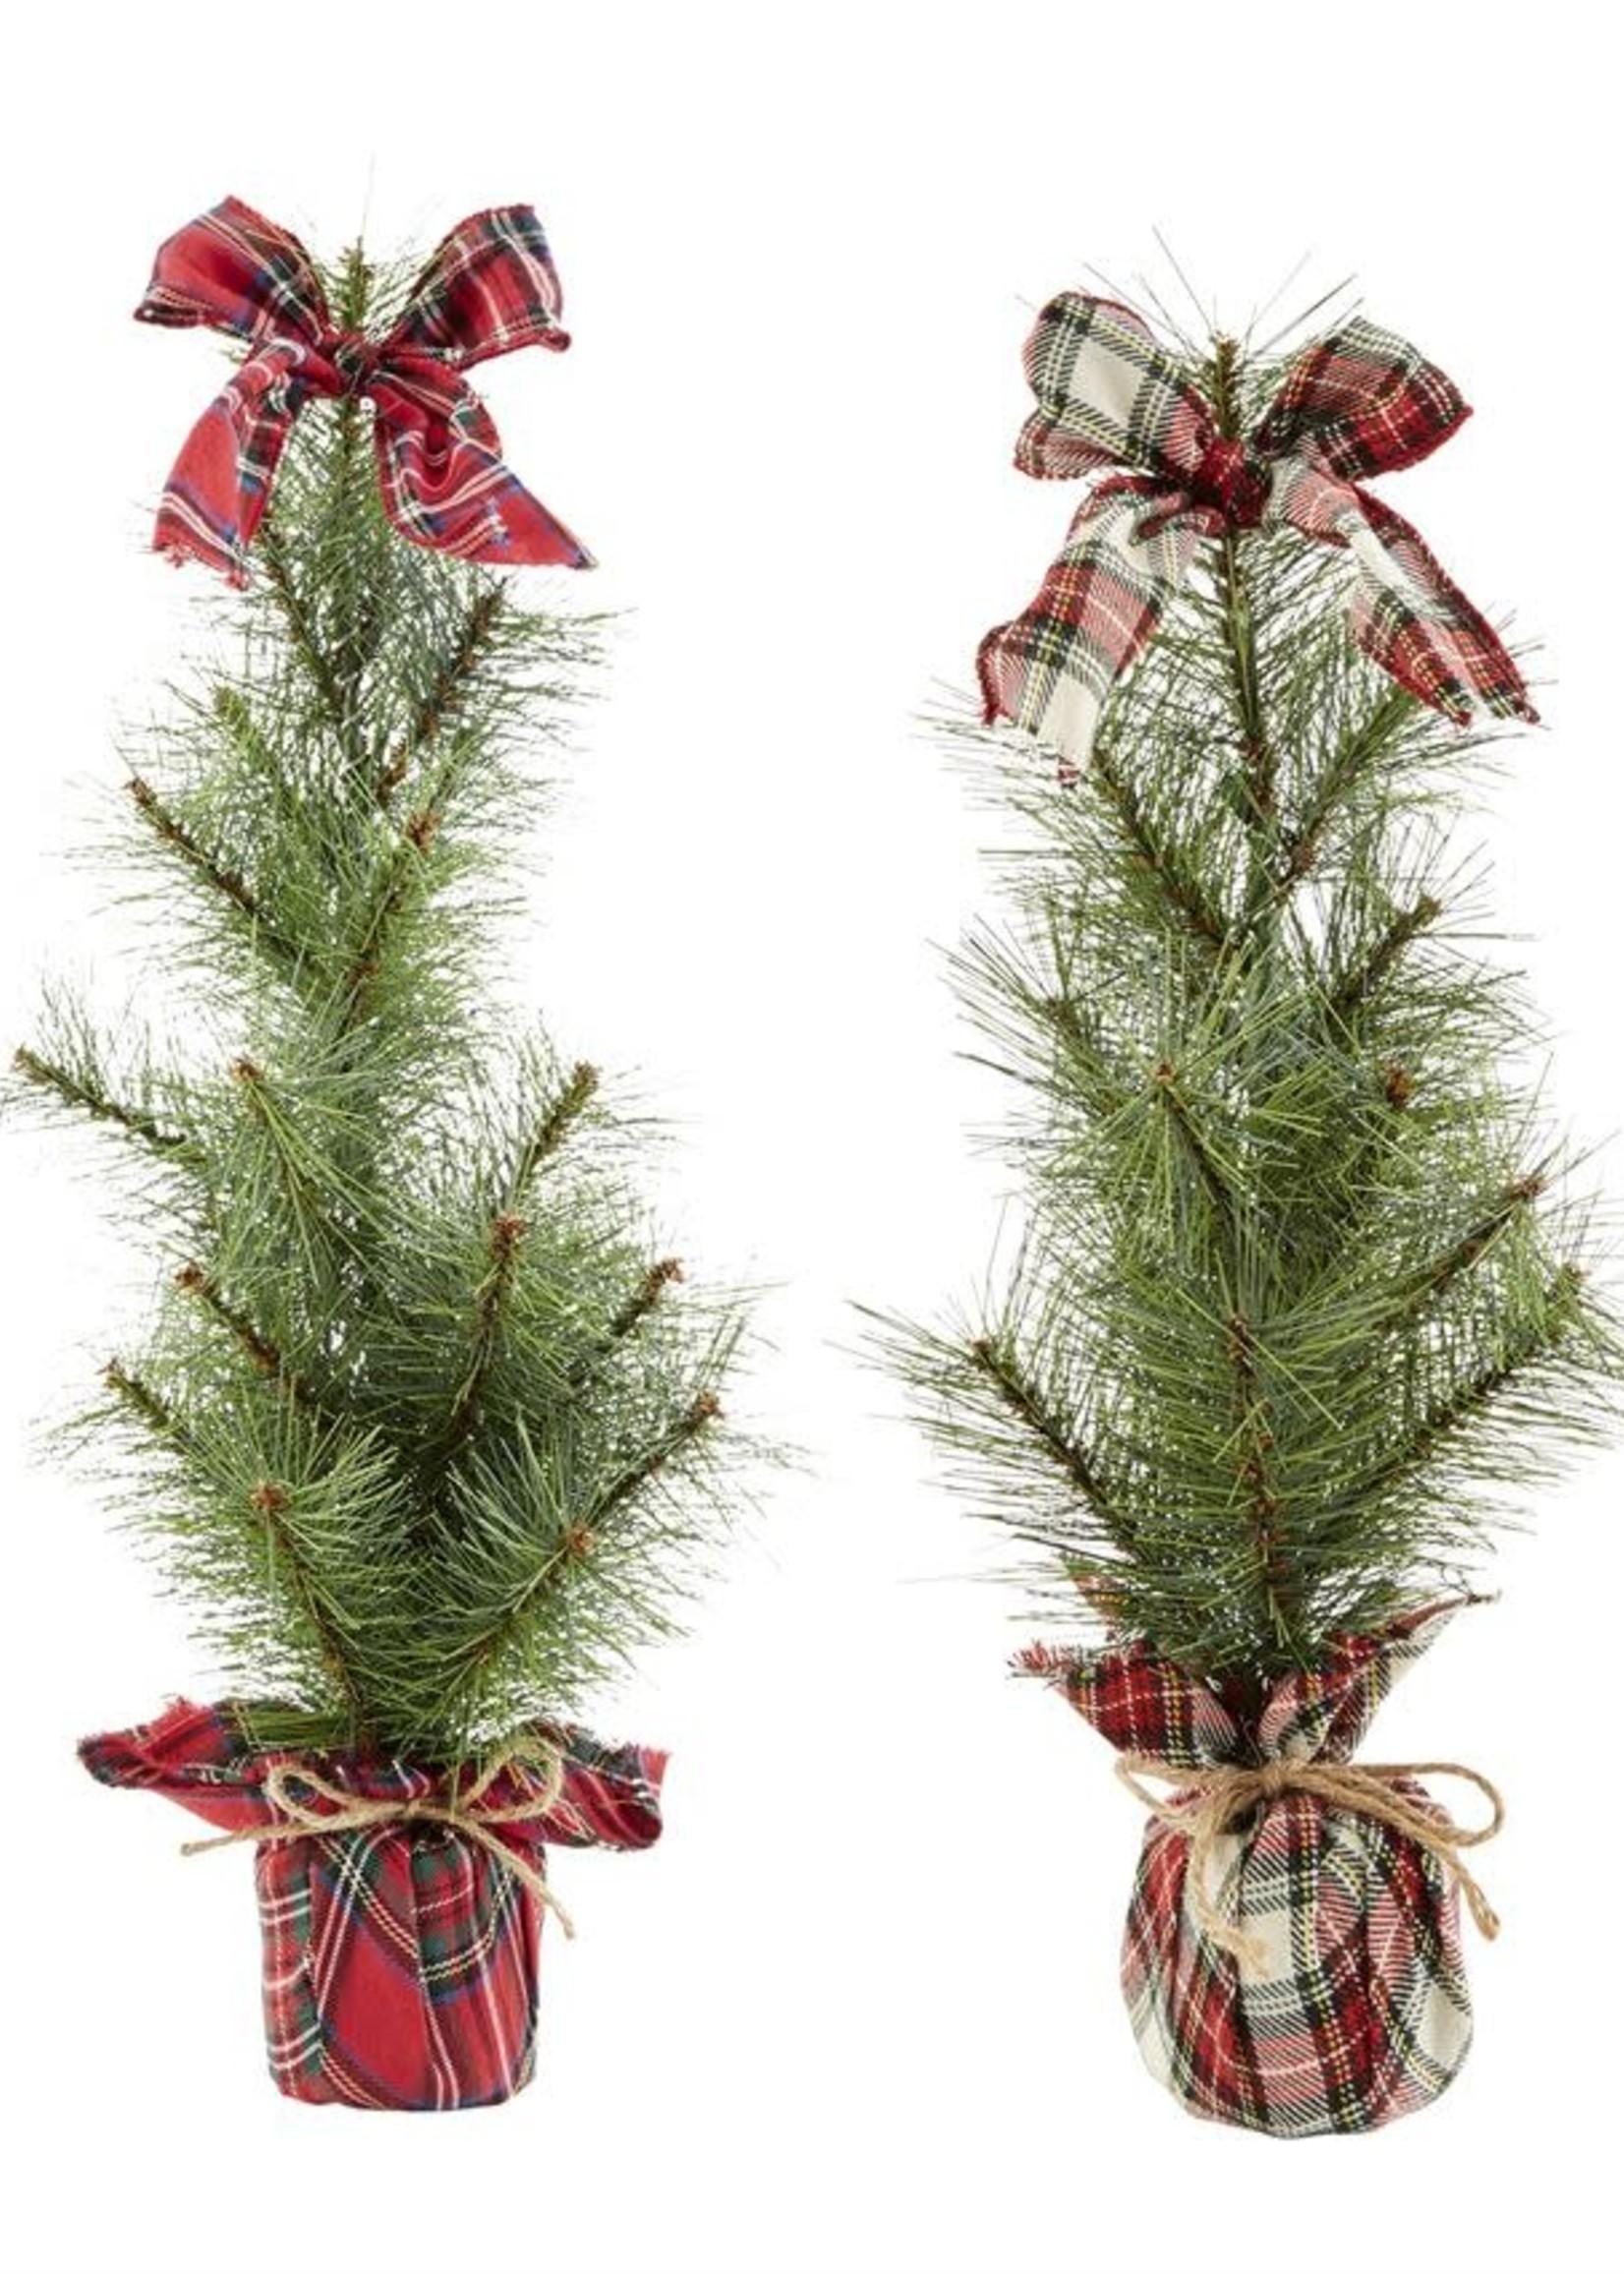 LG FAUX TREE TARTAN SITTER